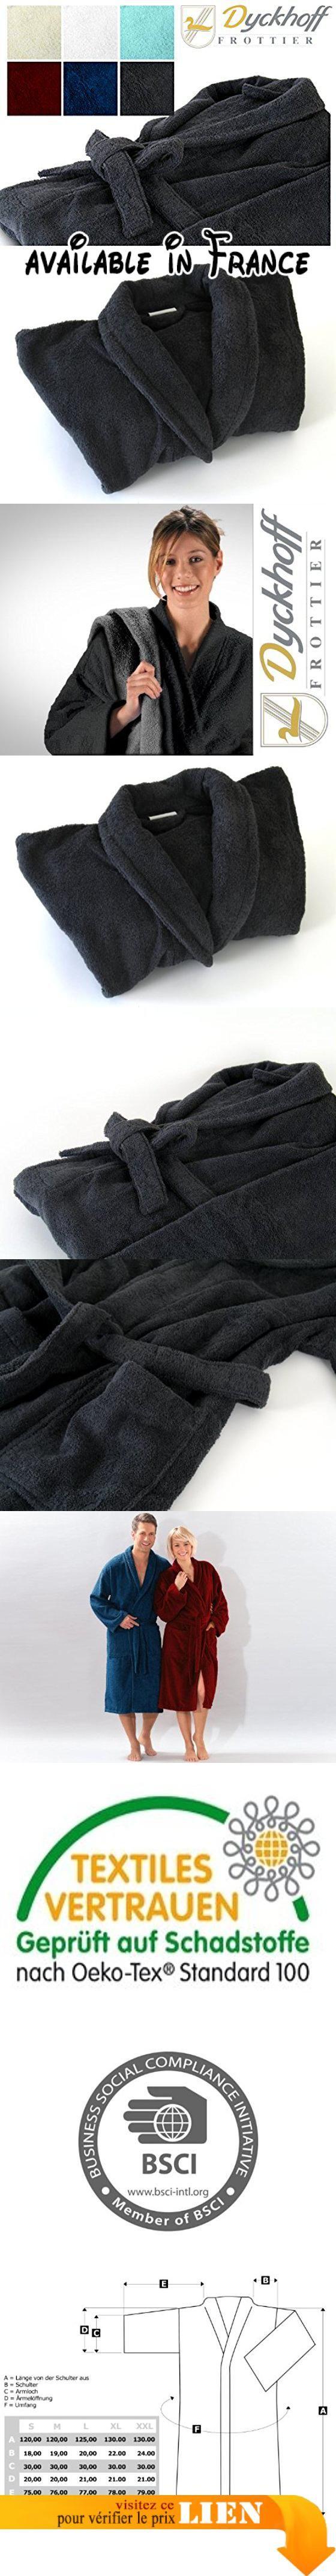 Dyckhoff Peignoir à col châle Tissu éponge Pour femme et homme, Coton, anthracite, Taille L.  #Kitchen #HOME_BED_AND_BATH